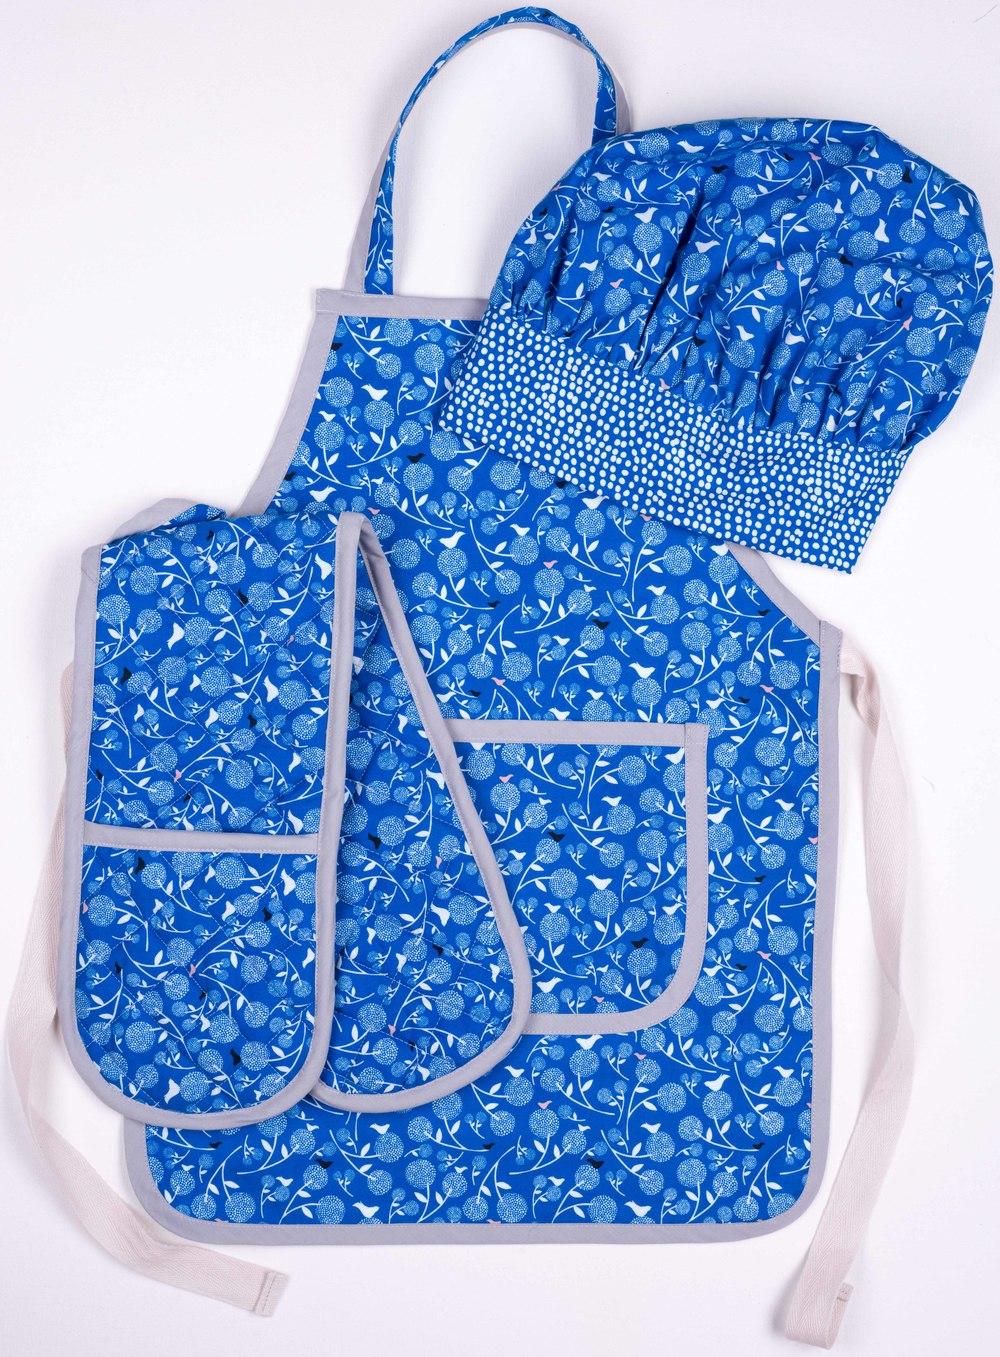 Skoo KidsKitchen Blue Floral Print Set